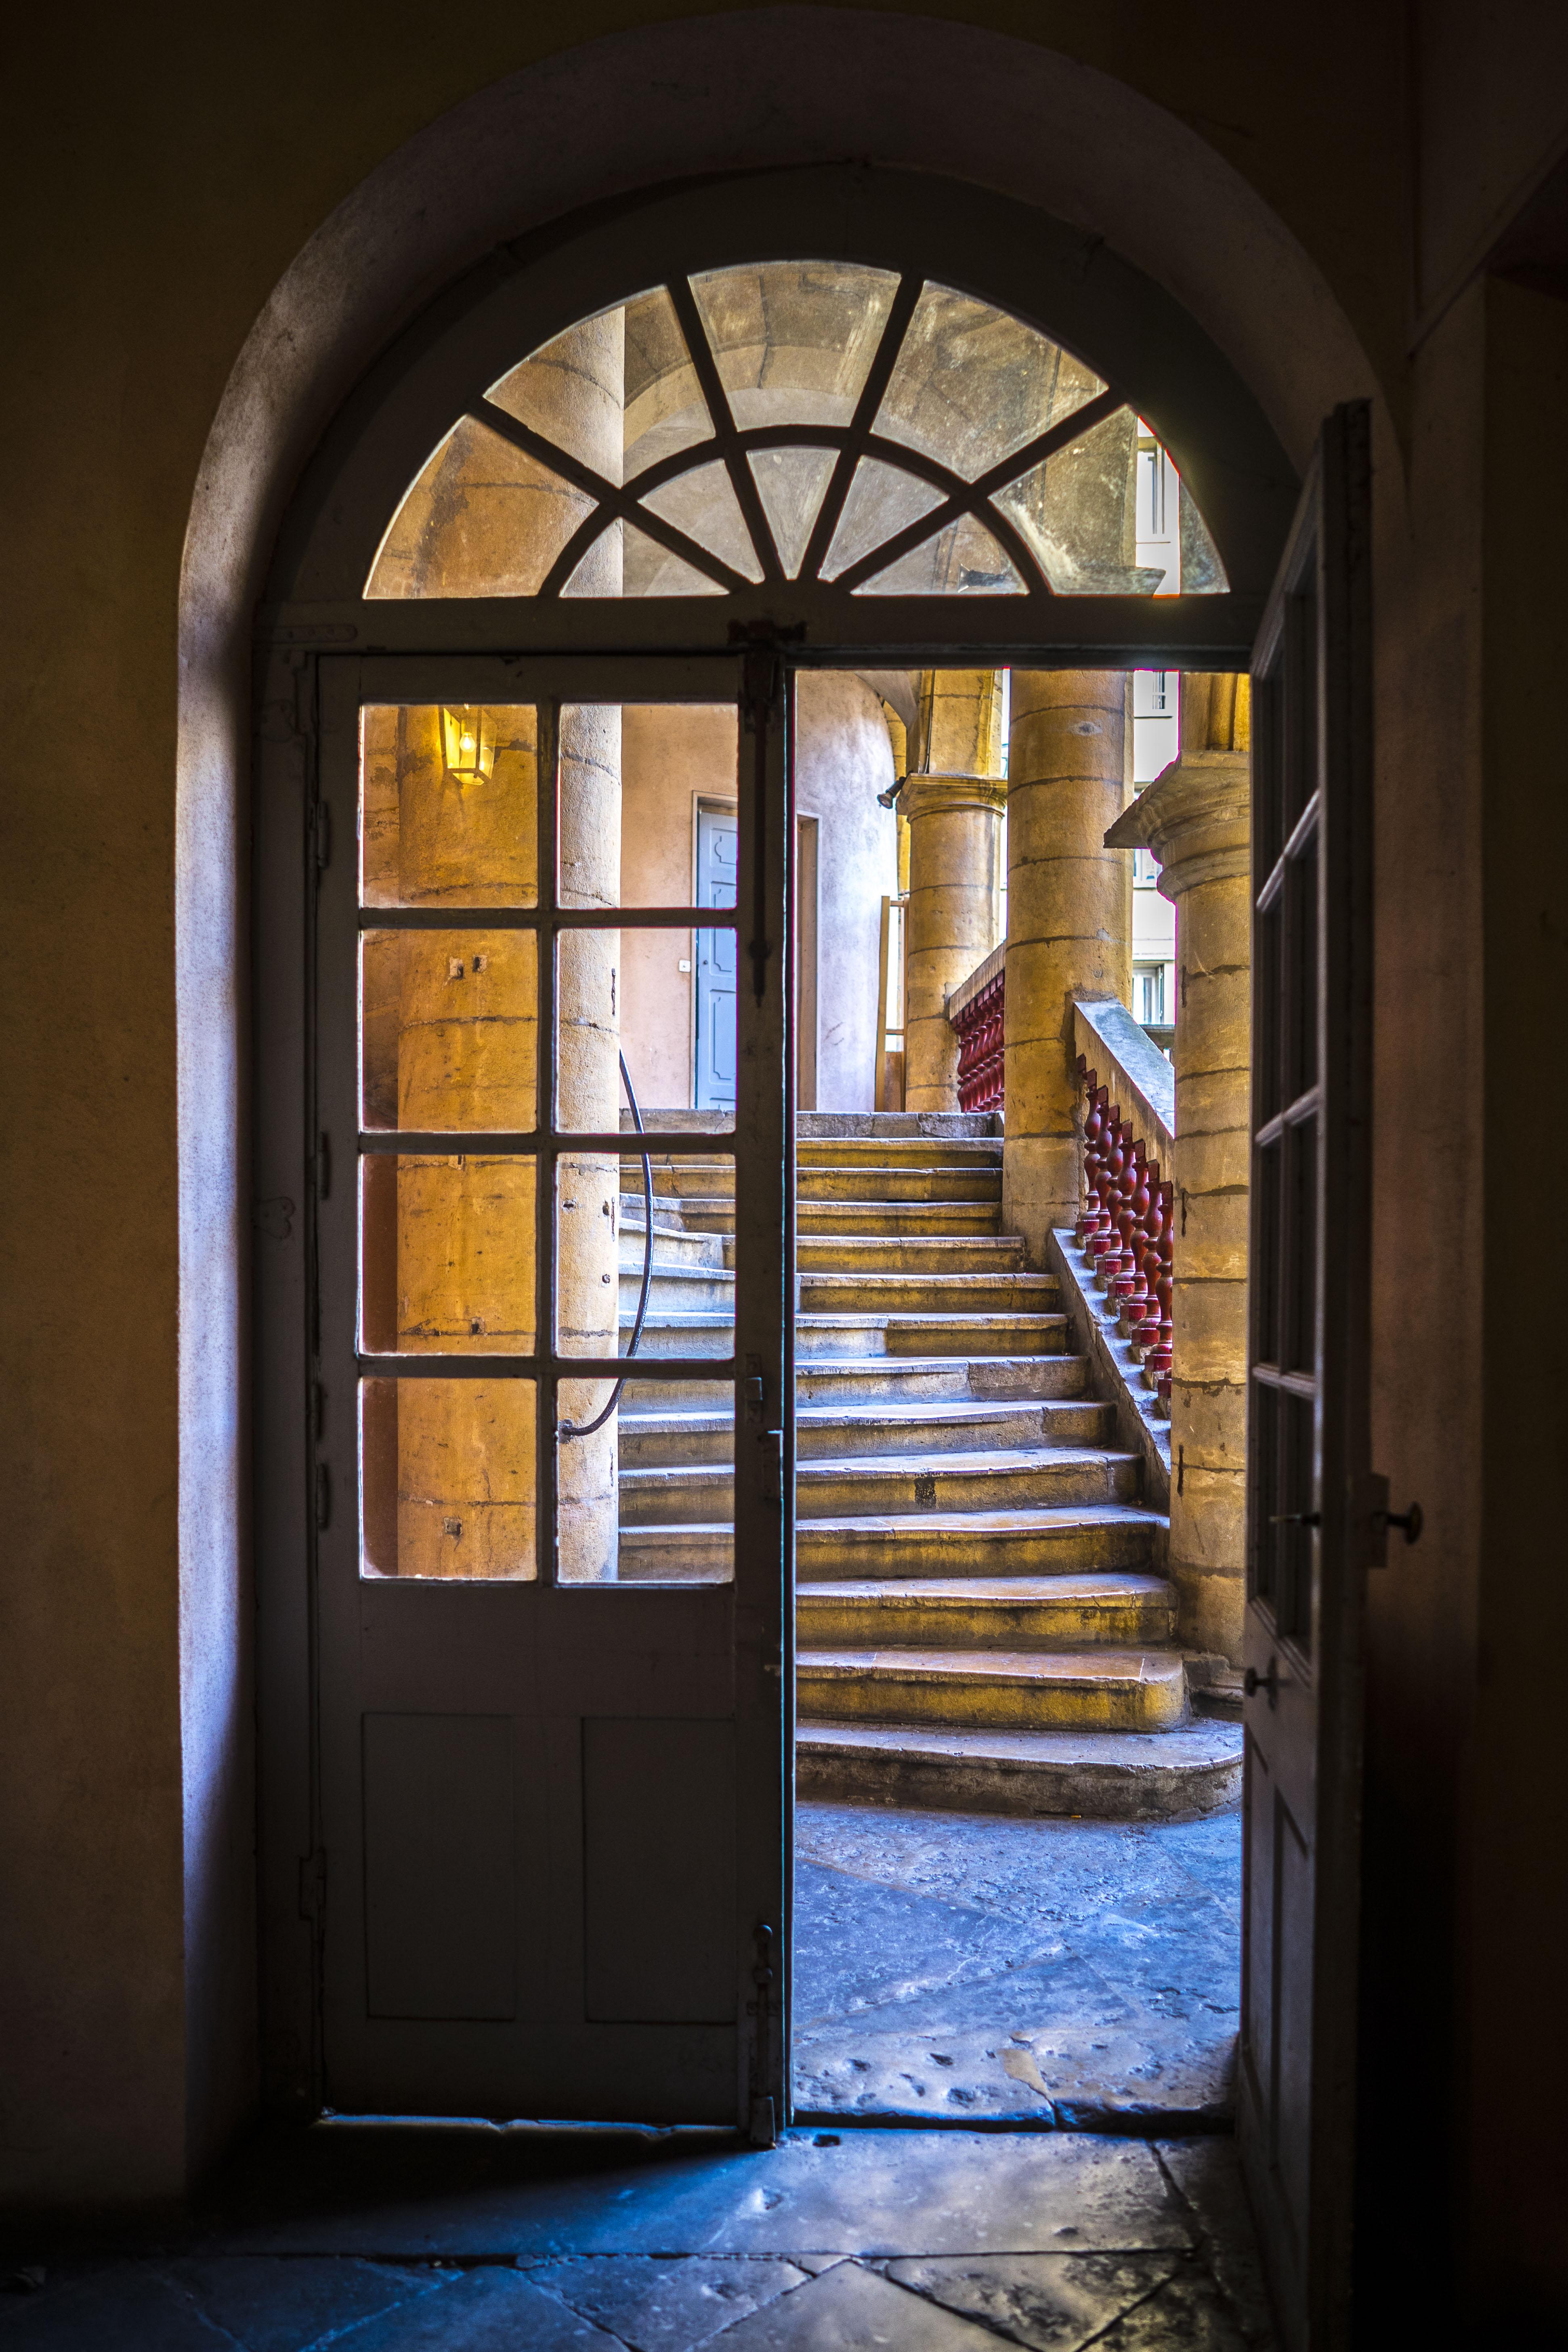 Lyon, France - Traboule Maison Henri IV, 2